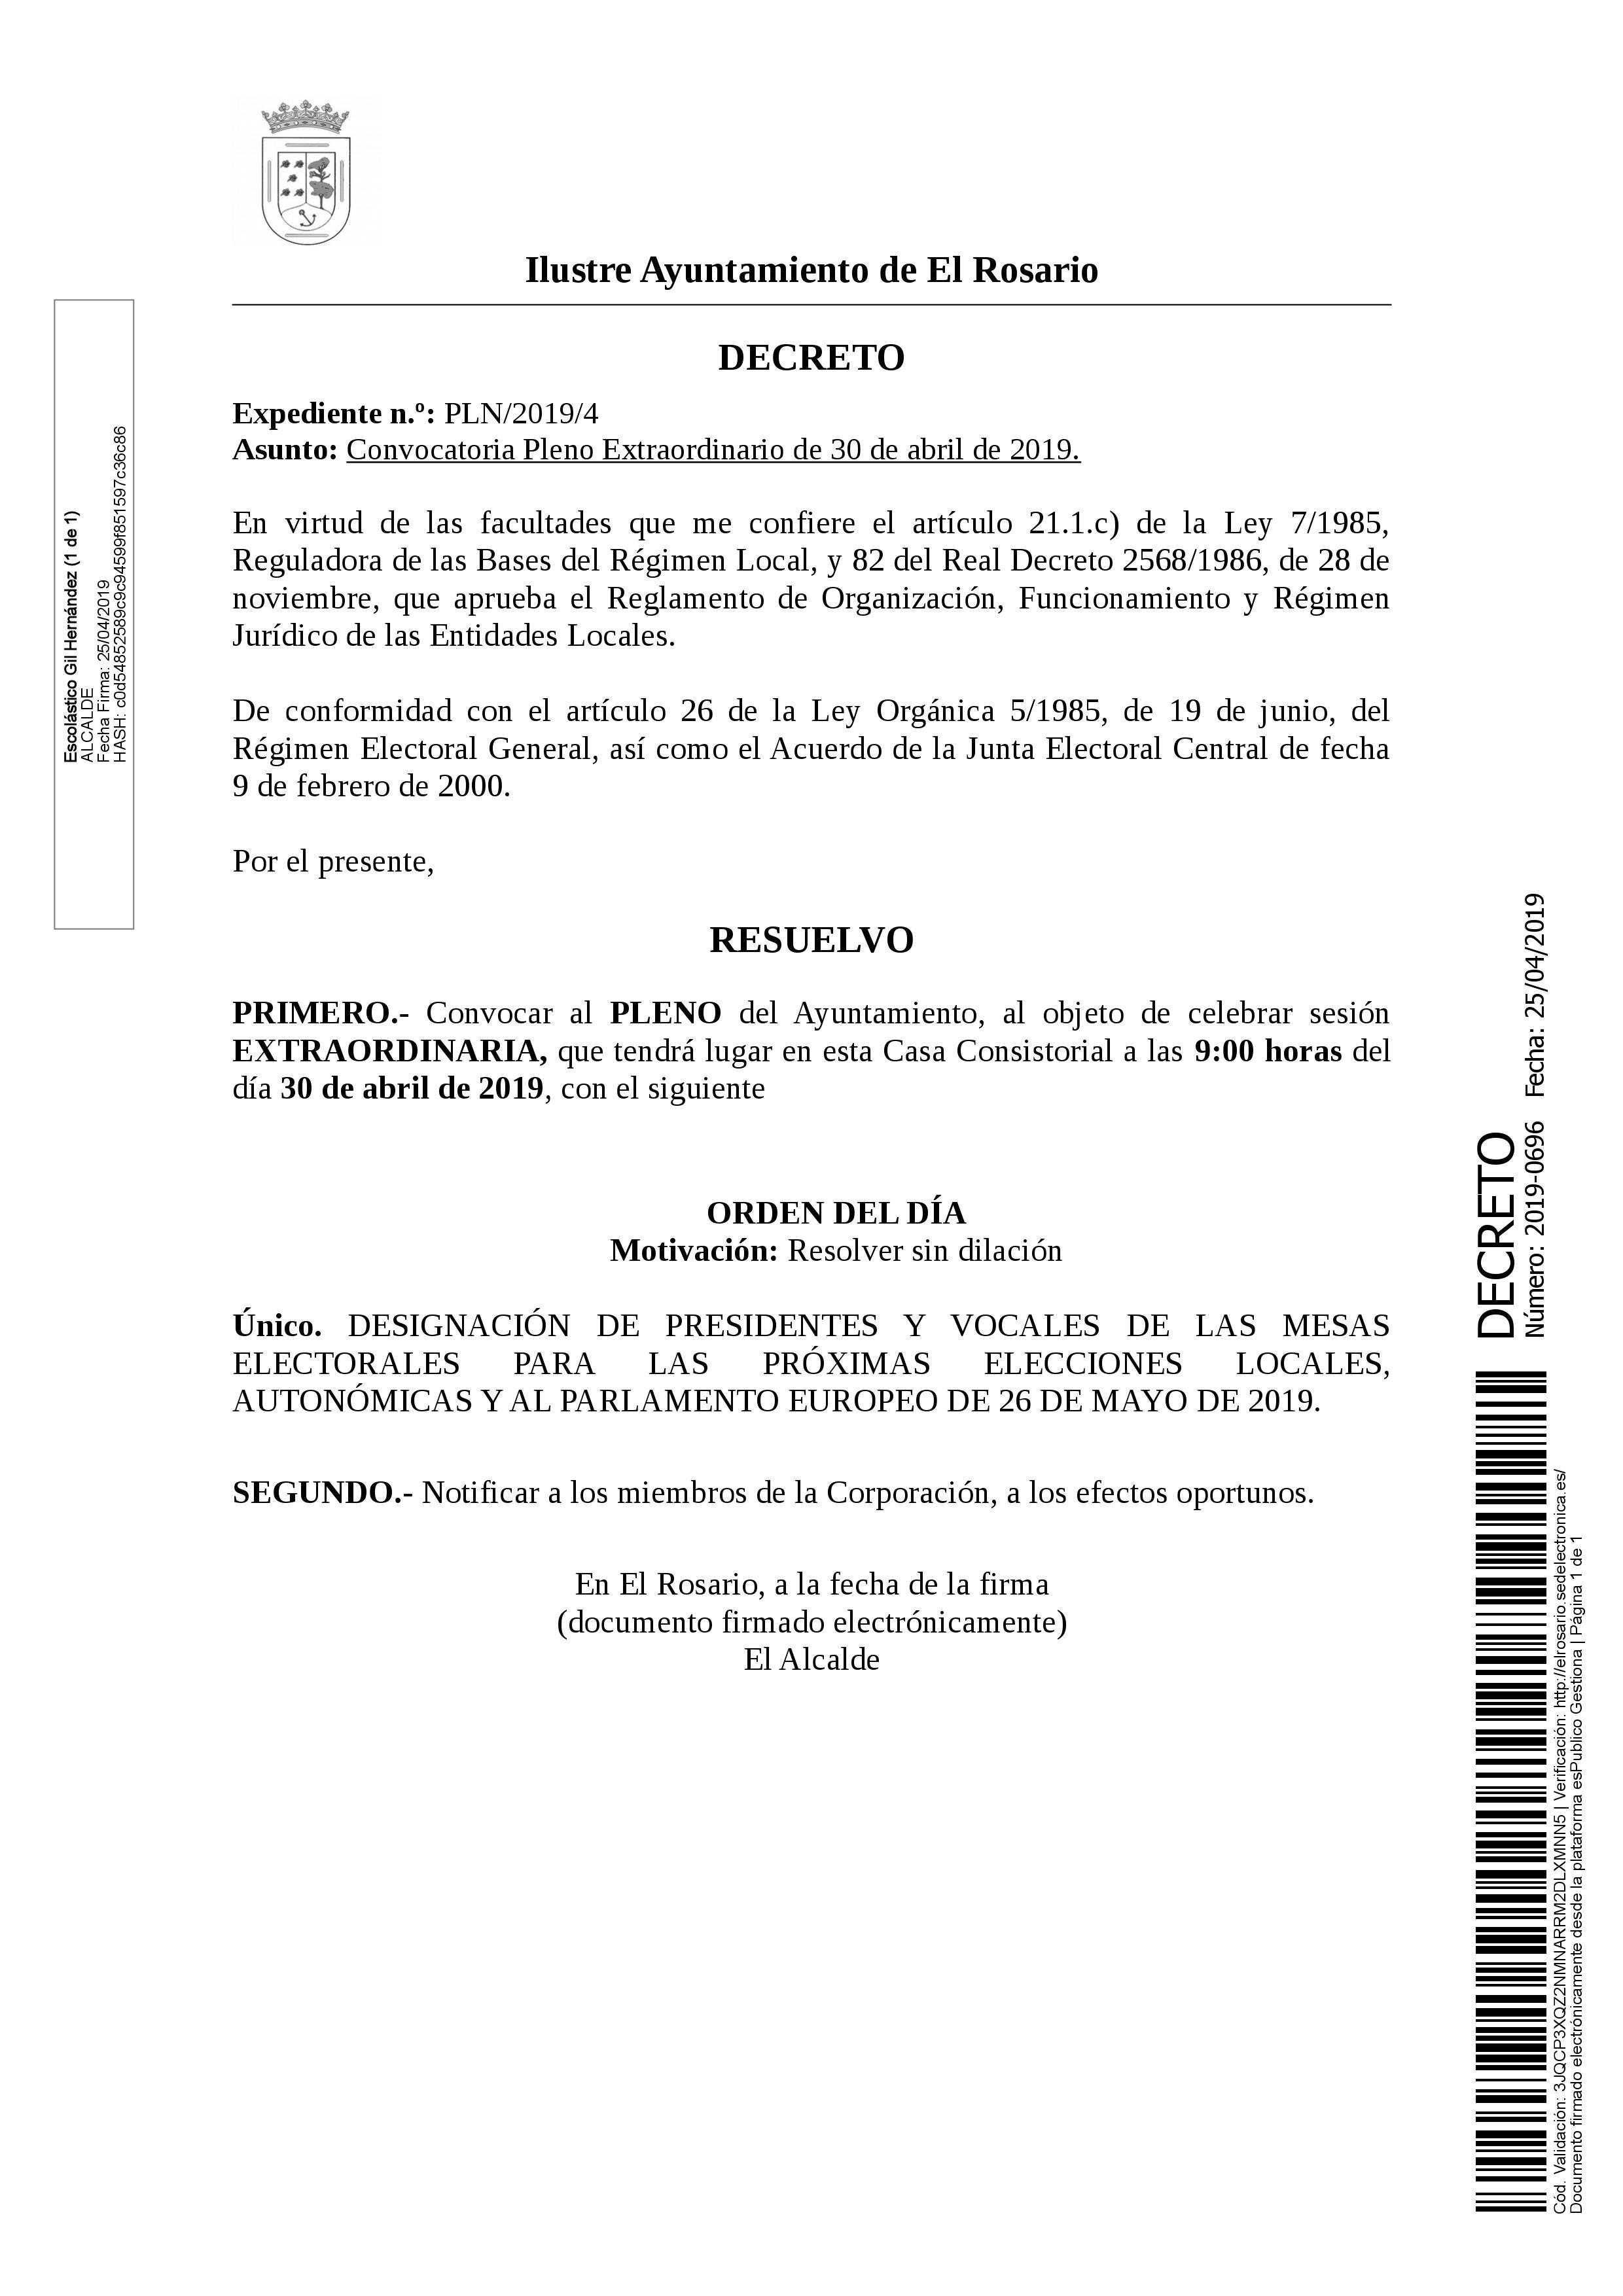 20190425_DECRETO 2019-0696 [Decreto Convocatoria de Pleno Extraordinario de 30 de abril de 2019]